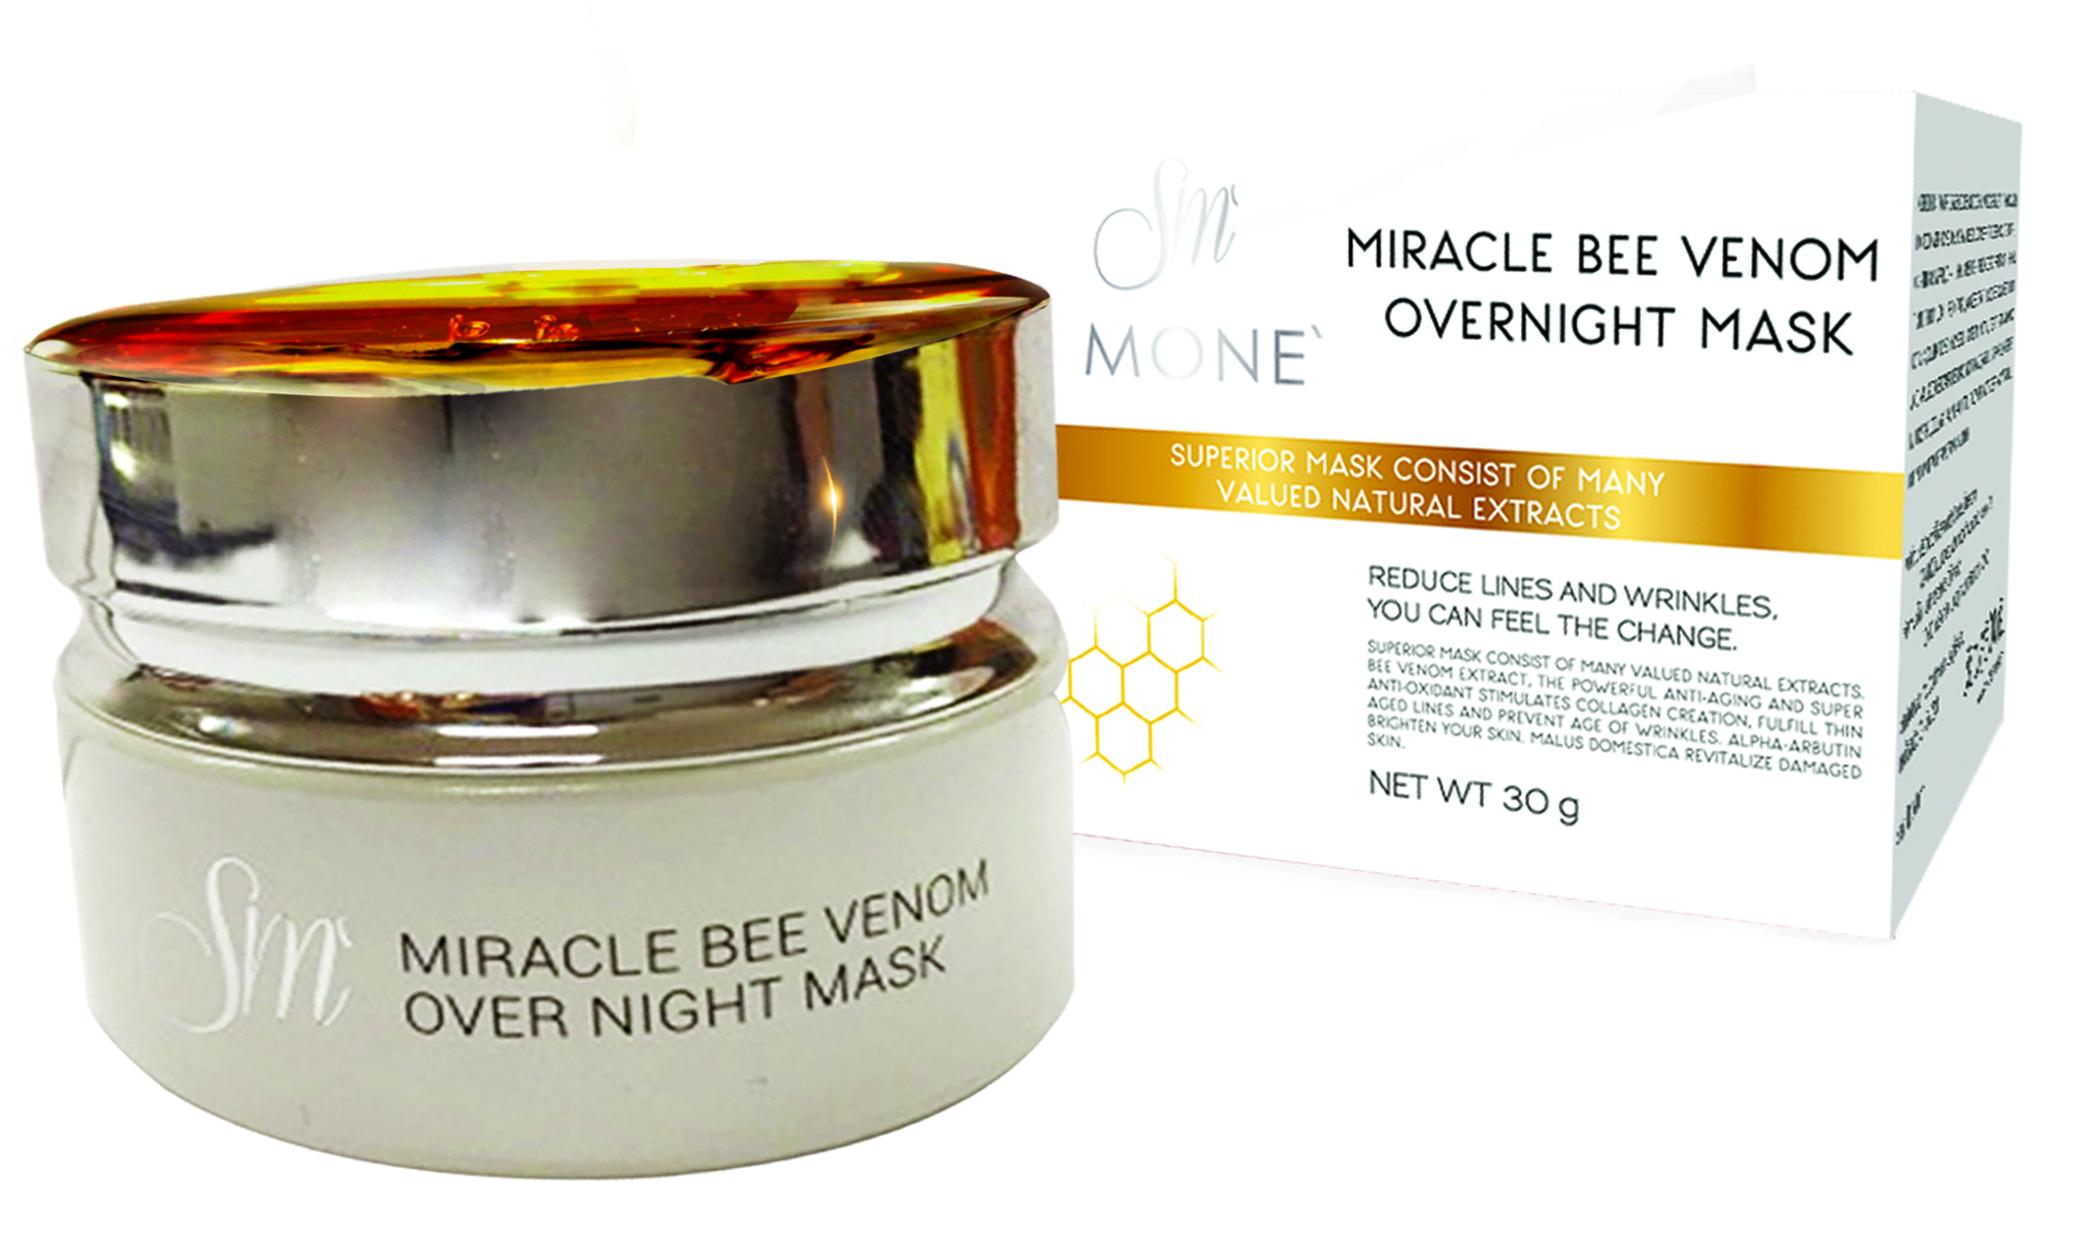 S MONE' Miracle Bee Venom Overnight Mask มาส์กพิษผึ้ง หน้าเด้งเต่งตึง โดยไม่ต้องฉีดโบท็อกส์